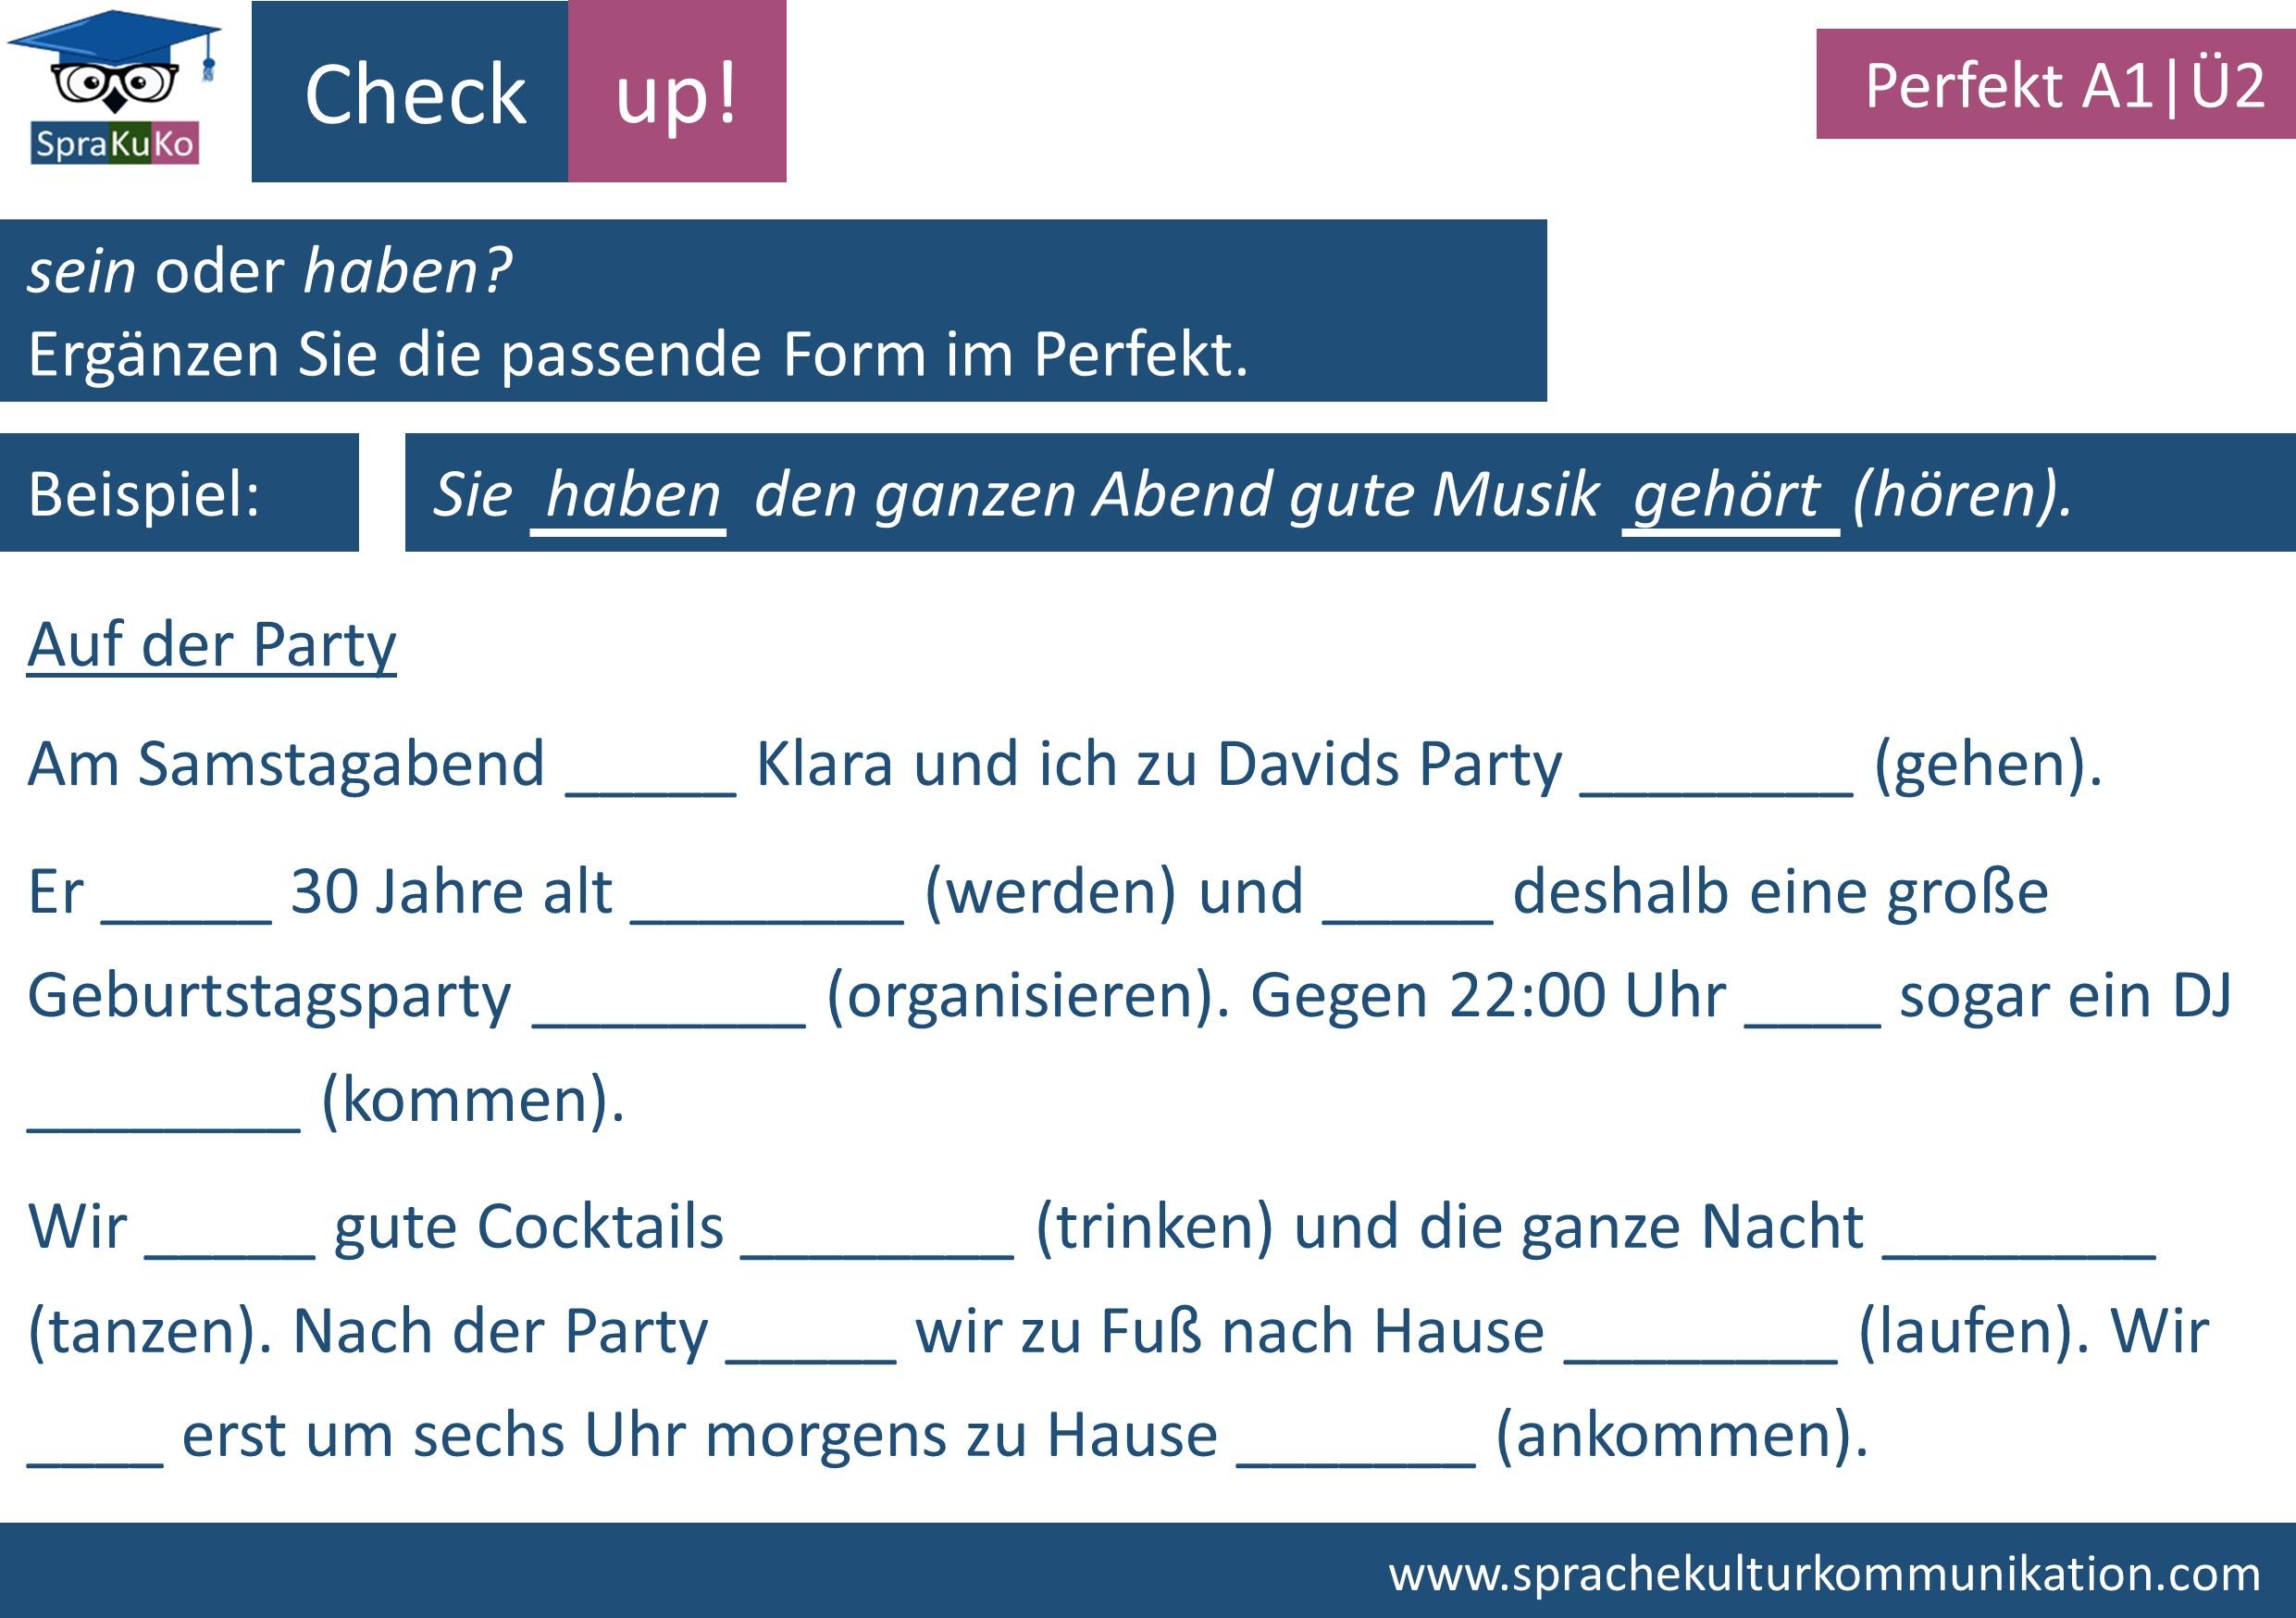 Check up Prefekt haben und sein (2)